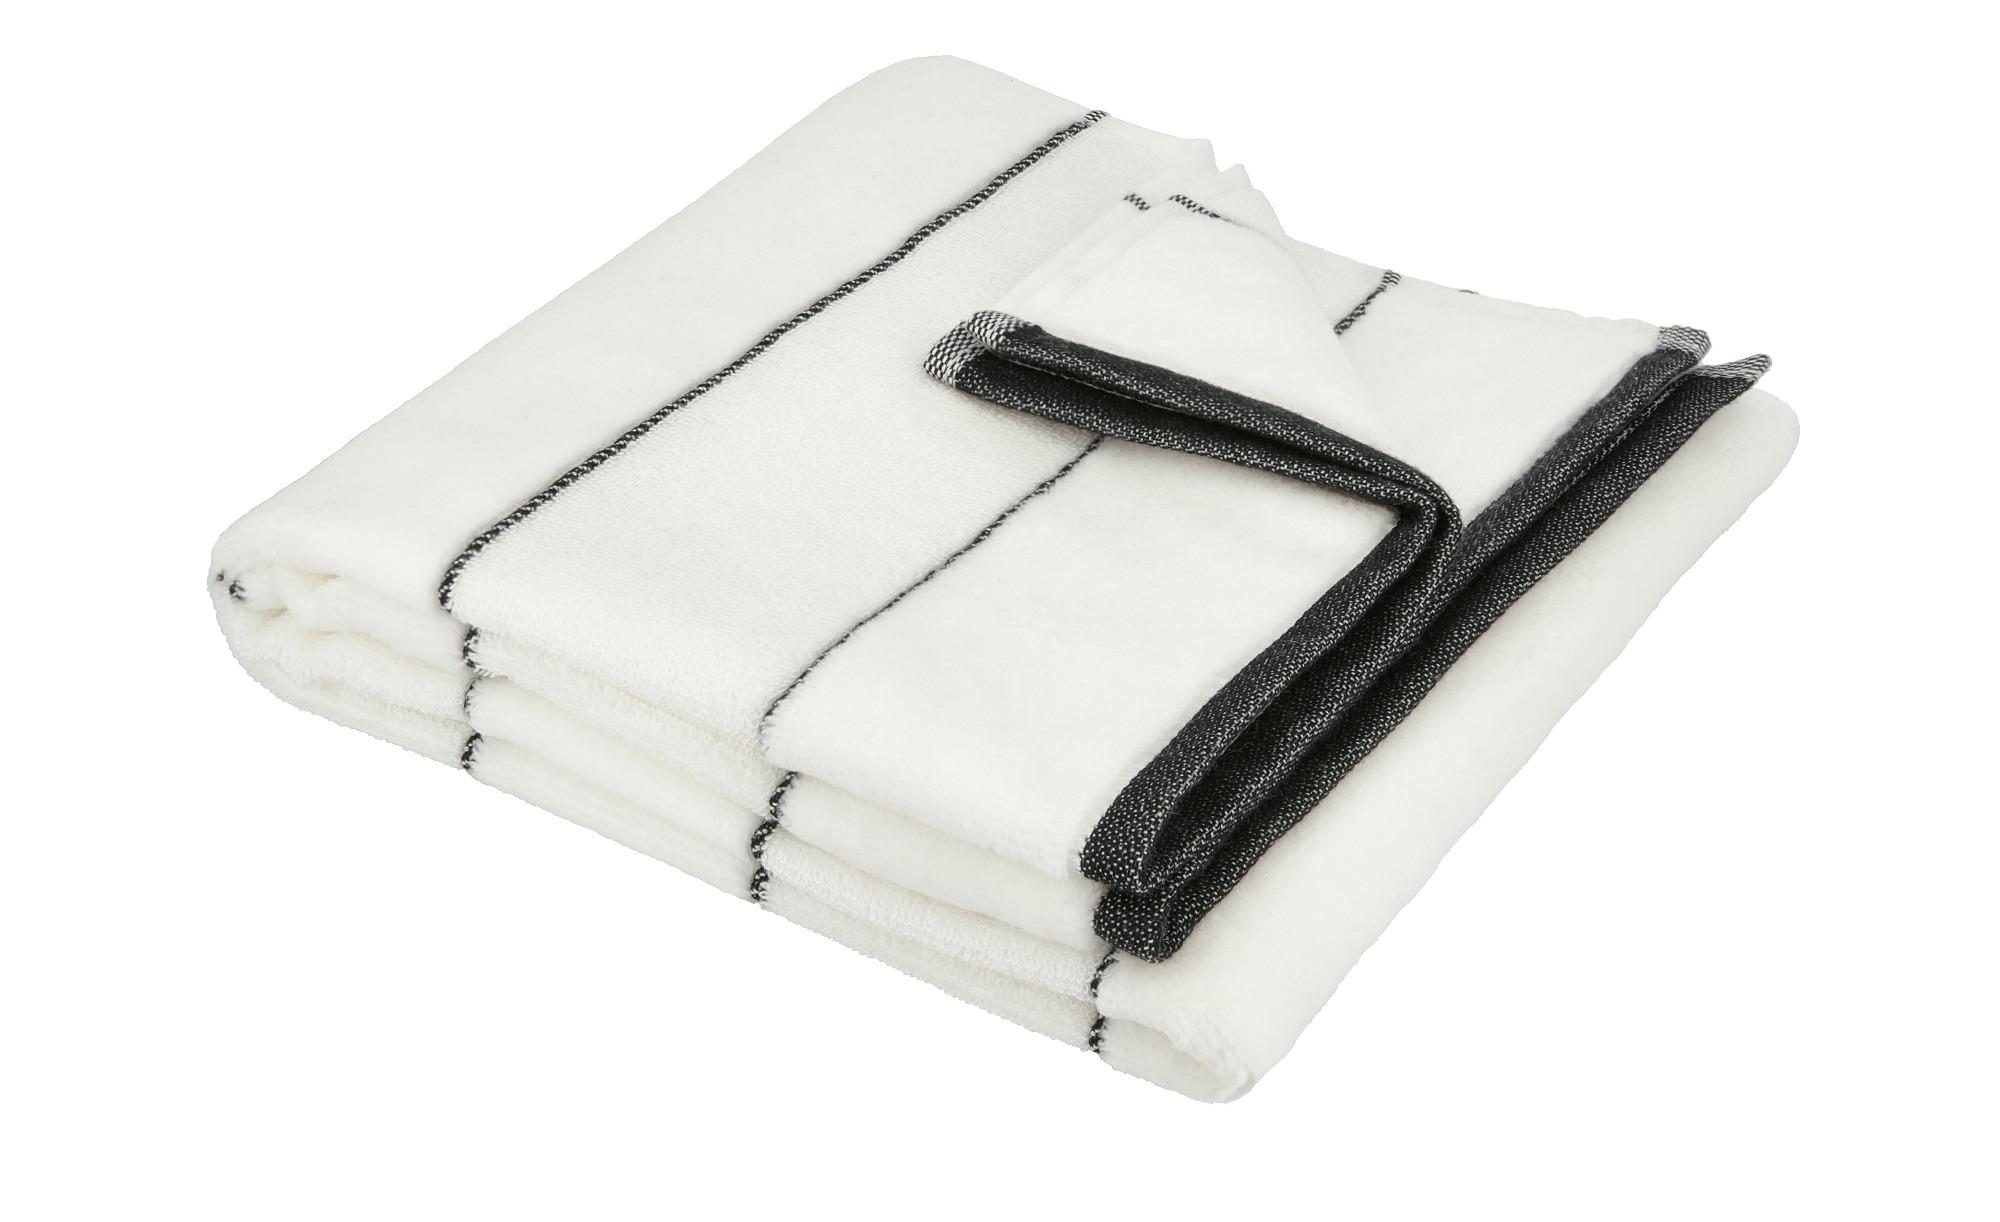 VOSSEN Handtuch  Maxim ¦ weiß ¦ 90% Bio-Baumwolle, 10% Polyester Badtextilien und Zubehör > Handtücher & Badetücher > Handtücher - Höffner